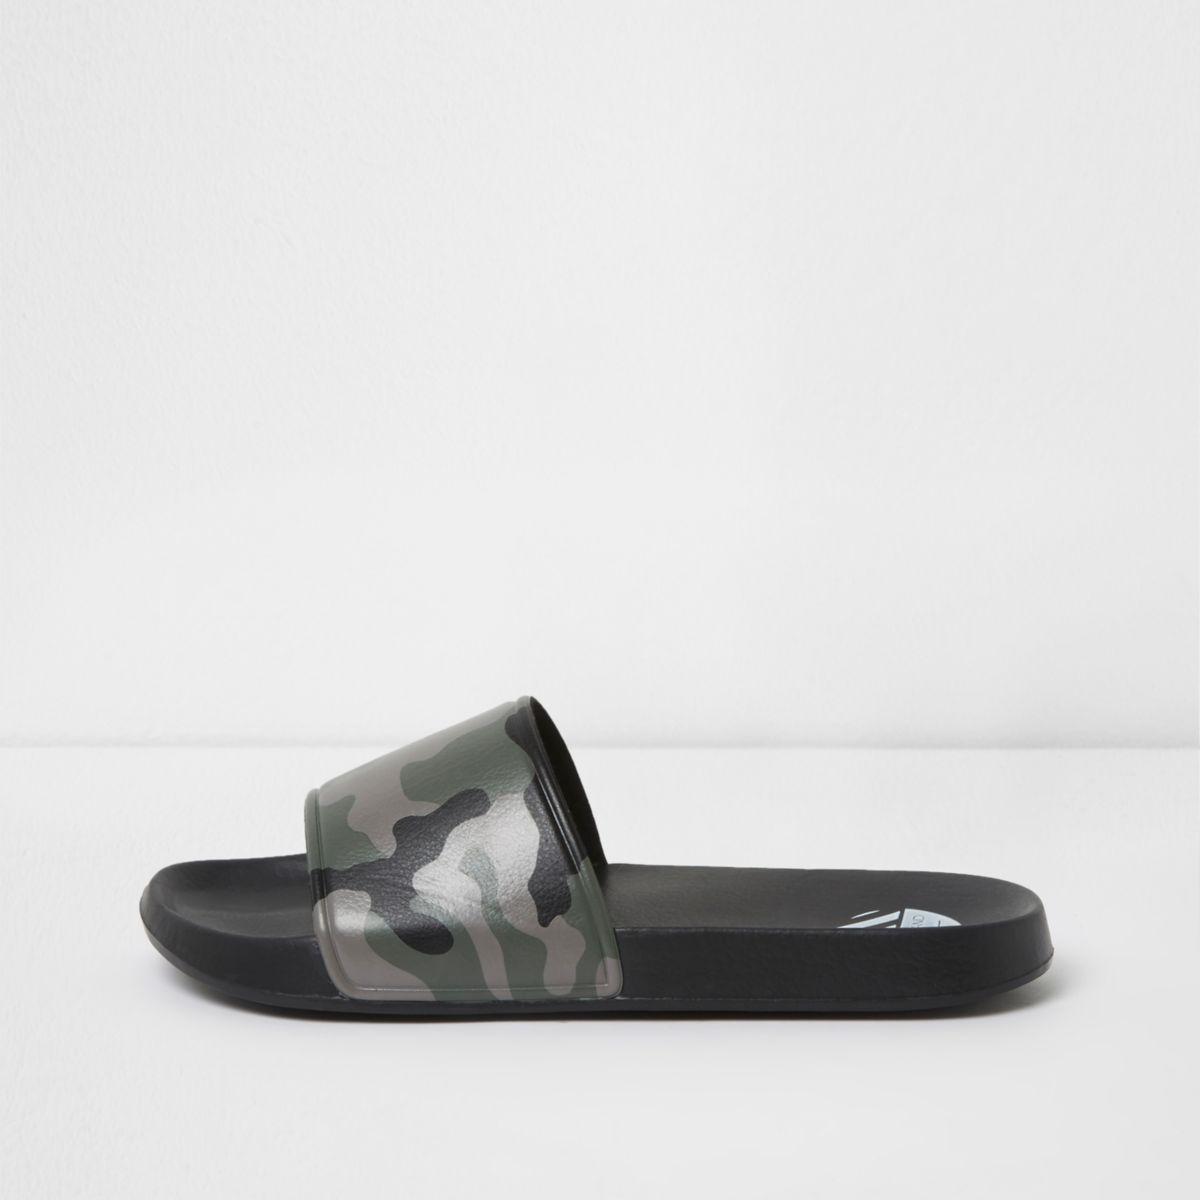 Zwarte slippers met camouflageprint